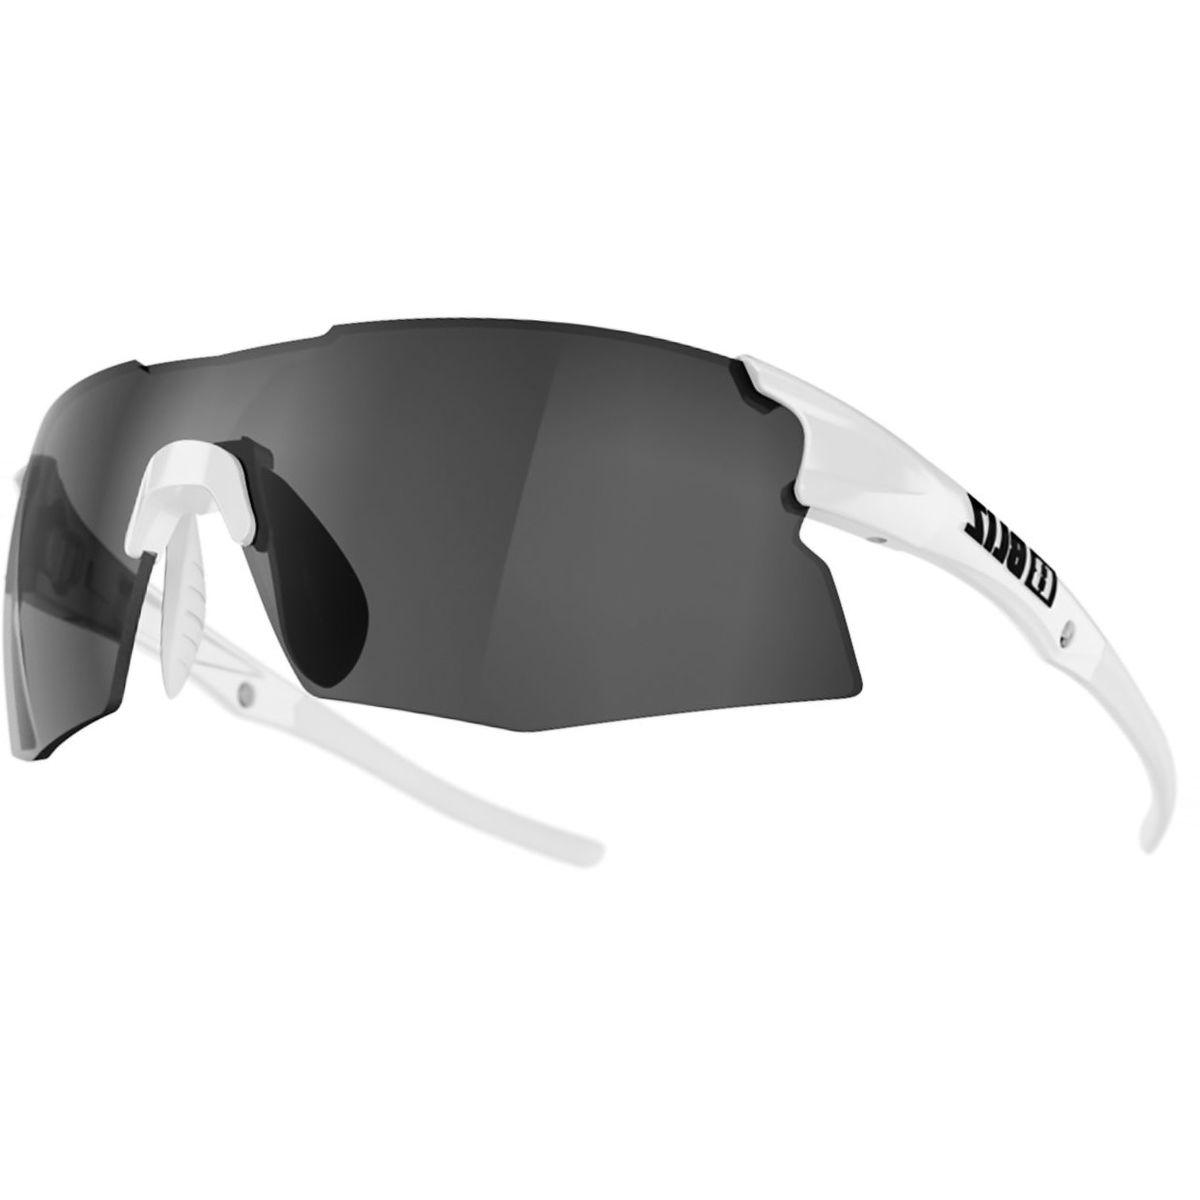 Bliz Tempo Small Face Sunglasses - Women's